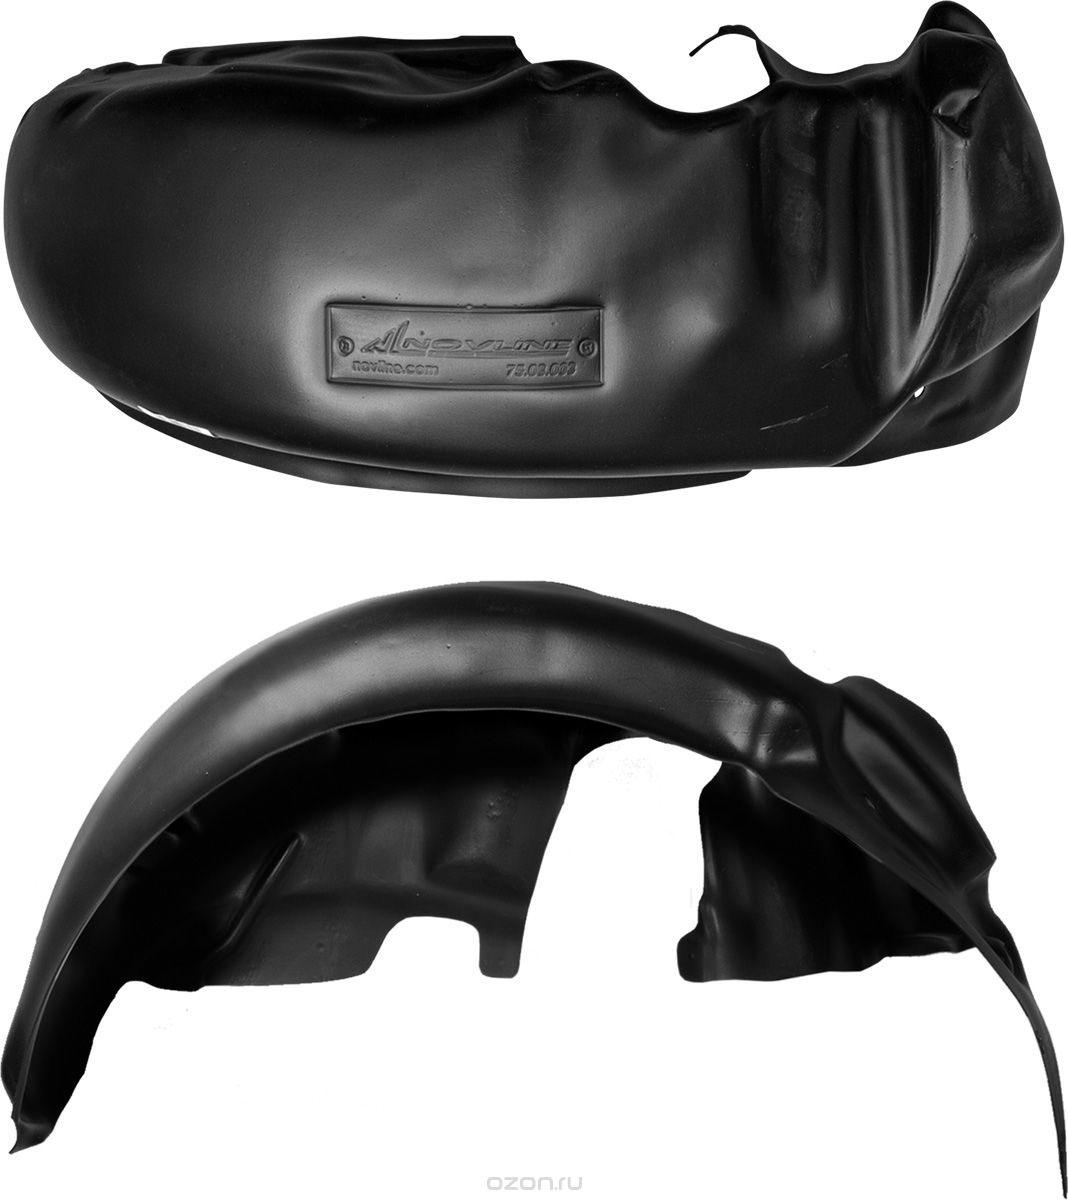 Подкрылок Novline-Autofamily, для УАЗ Hunter 11/2003->, передний левыйSATURN CANCARDИдеальная защита колесной ниши. Локеры разработаны с применением цифровых технологий, гарантируют максимальную повторяемость поверхности арки. Изделия устанавливаются без нарушения лакокрасочного покрытия автомобиля, каждый подкрылок комплектуется крепежом. Уважаемые клиенты, обращаем ваше внимание, что фотографии на подкрылки универсальные и не отражают реальную форму изделия. При этом само изделие идет точно под размер указанного автомобиля.